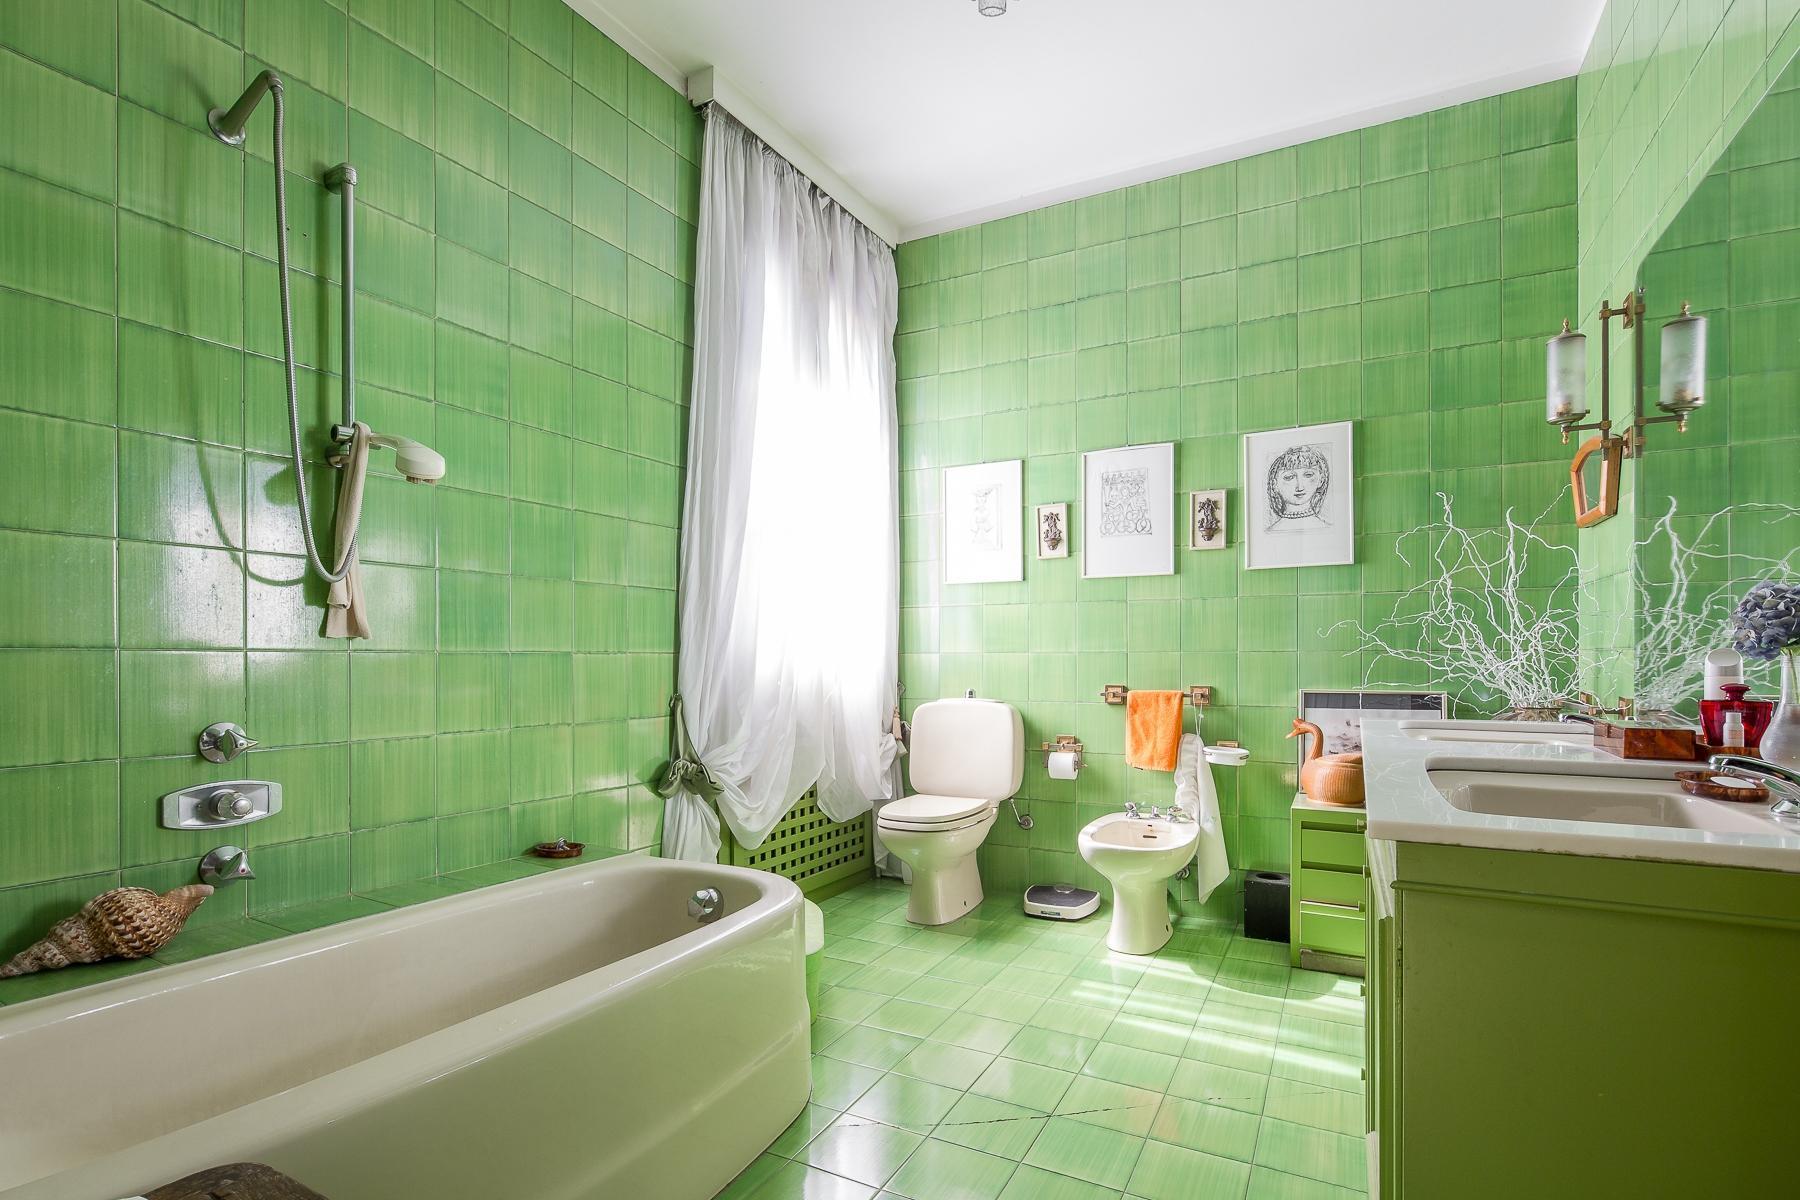 位于Ticino河岸边配有游泳池的别墅 - 19